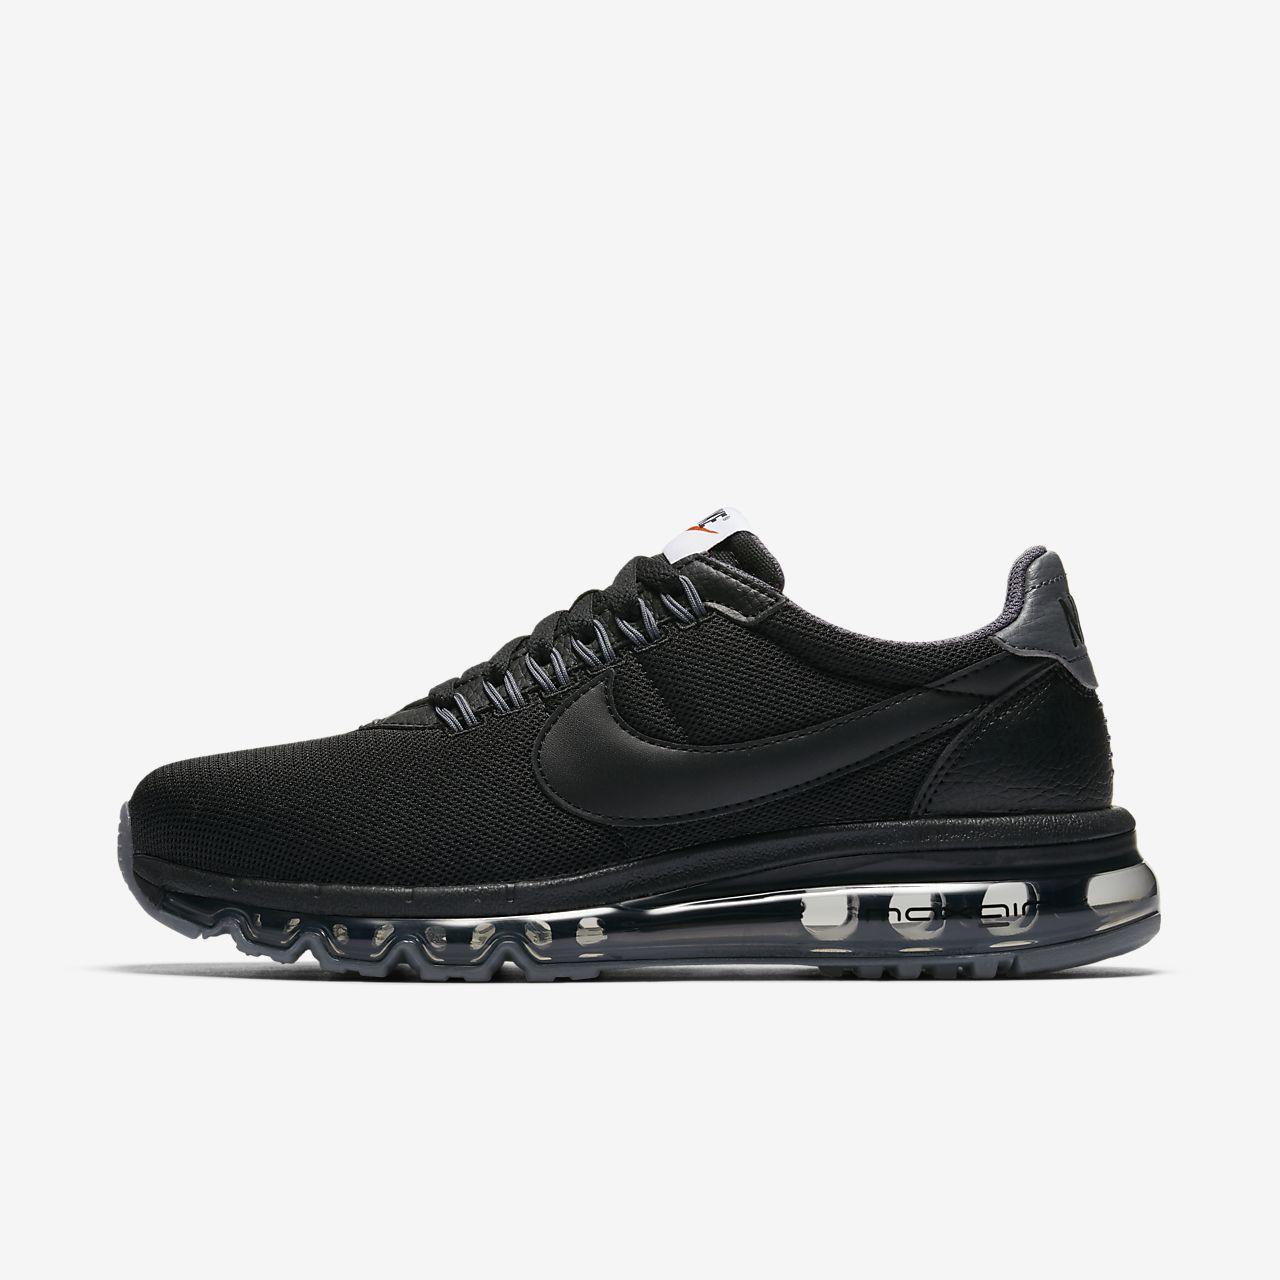 Chaussure Nike Air Max LD Zero pour Femme